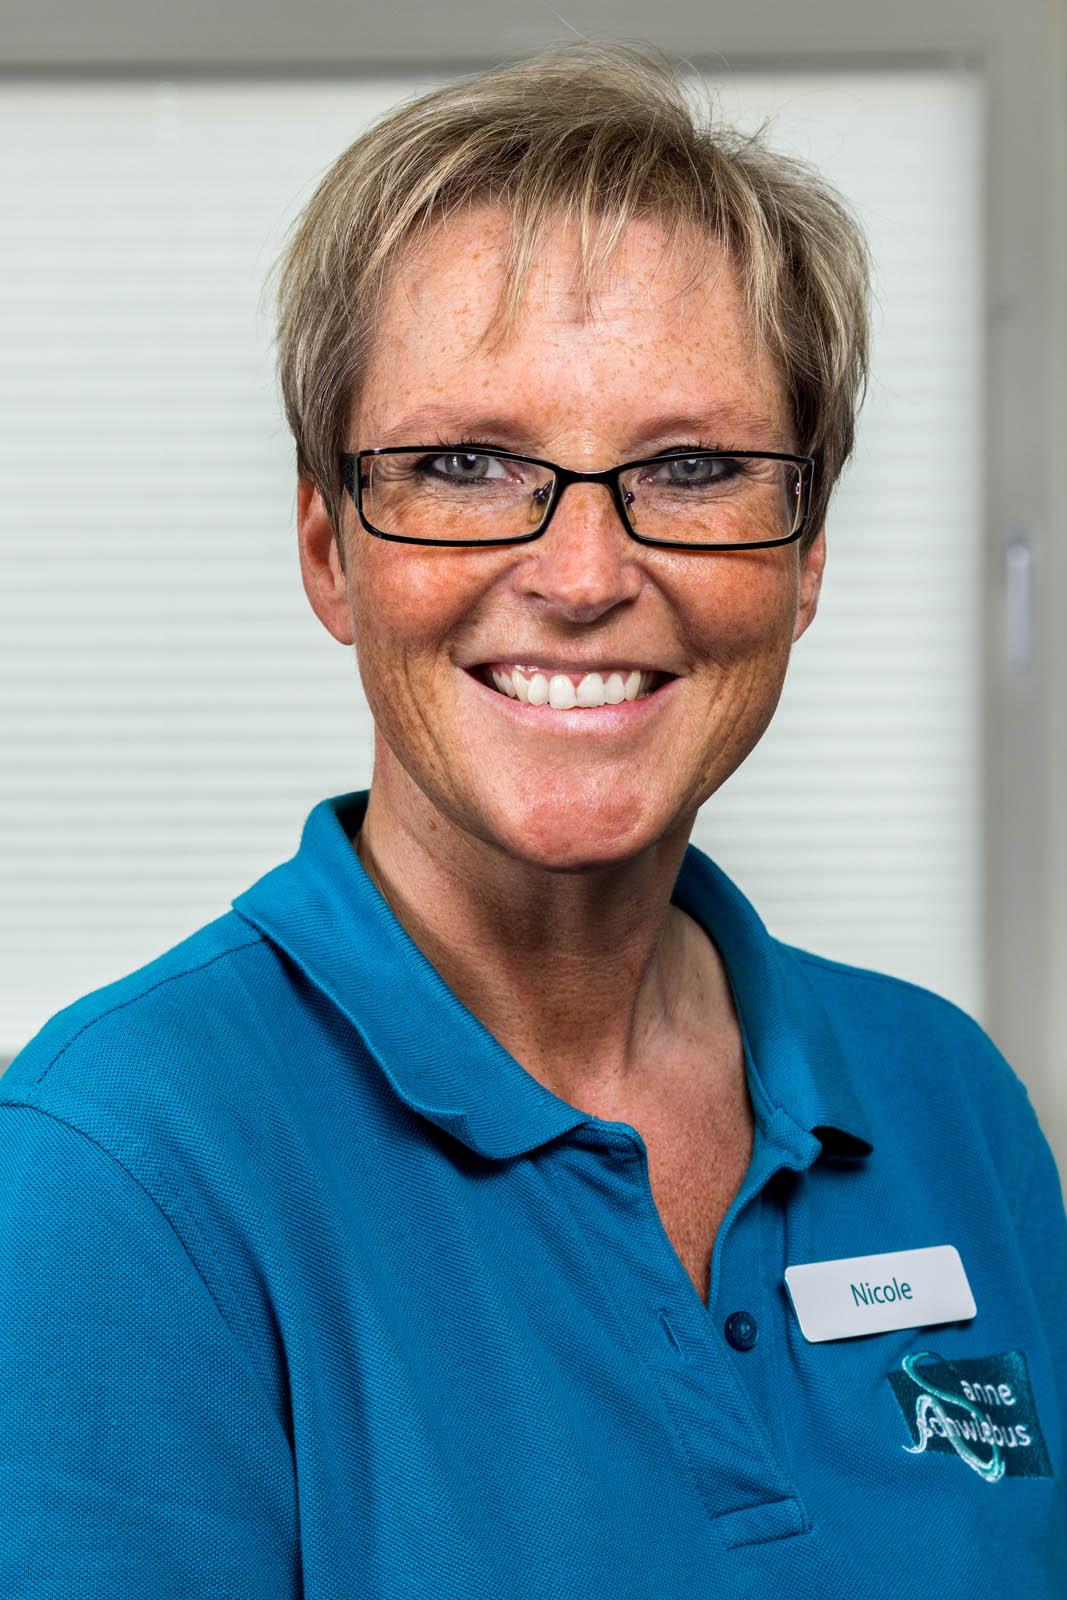 frauenarzt-praxis-kaiserslautern-anne-schwiebus-team-Nicole-Mayer